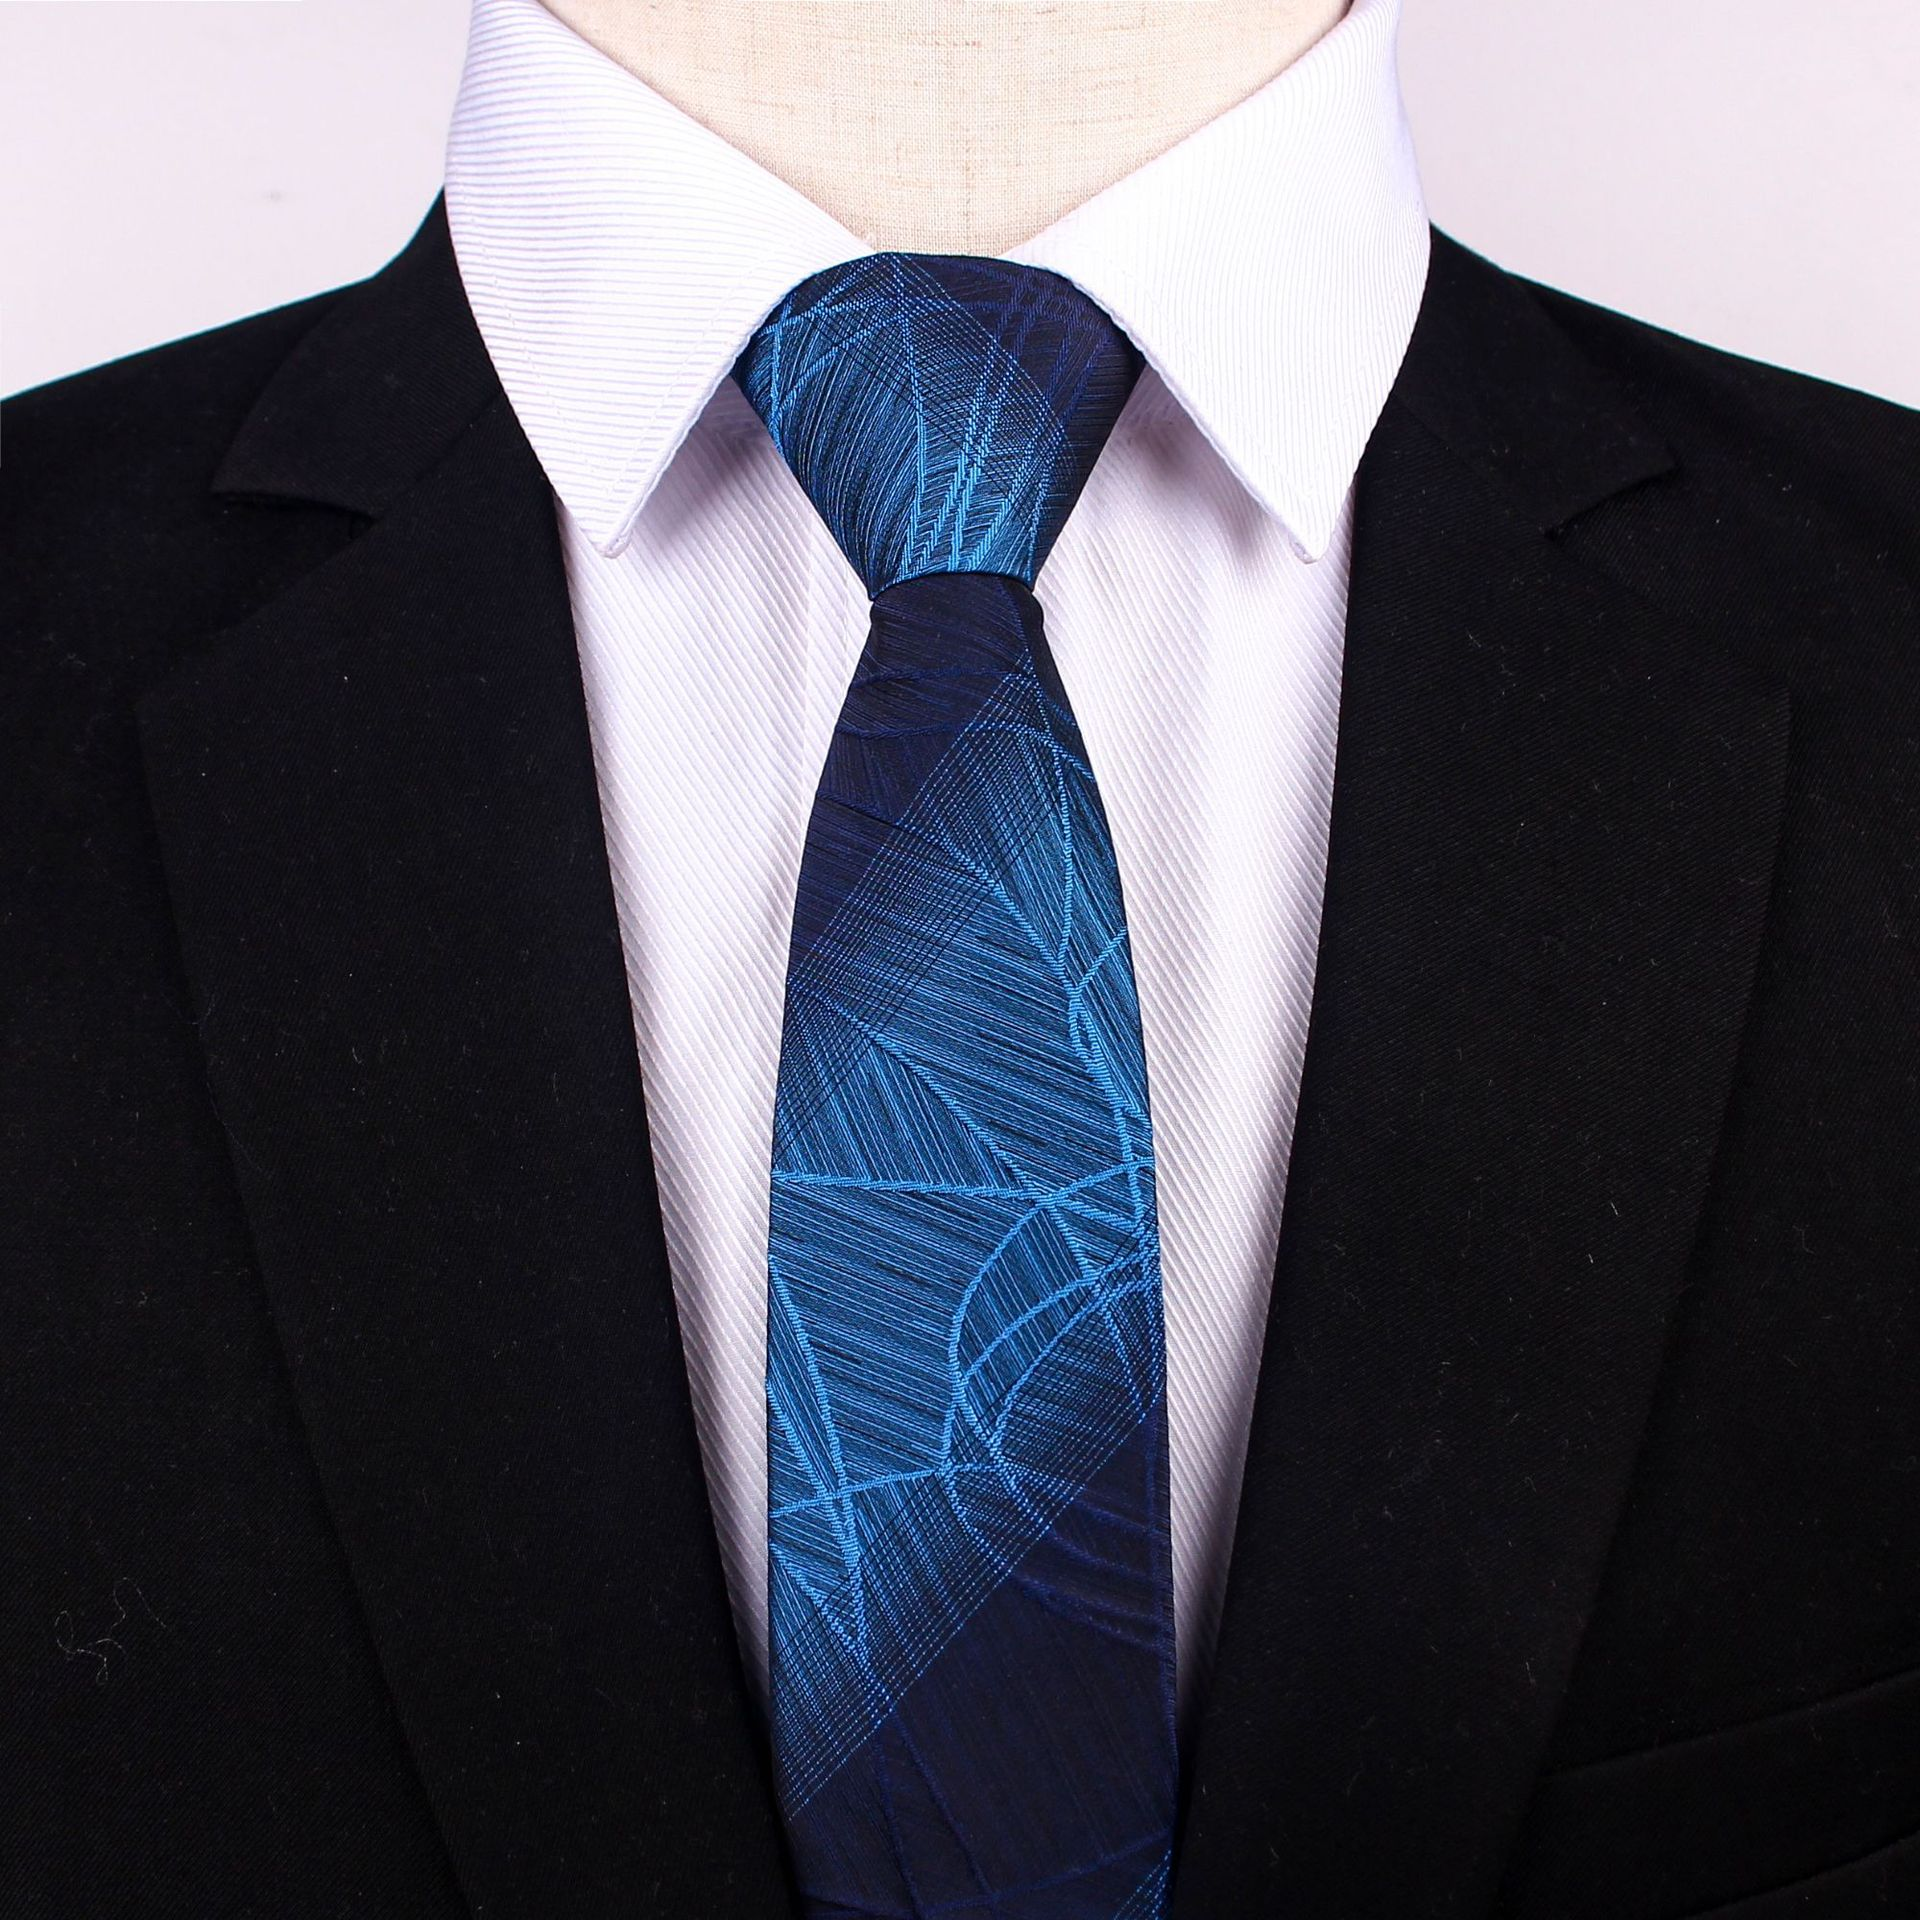 Fashion Solid Geschäfts Krawatten Für Männer Grün Gestrickte Gravatas Schwarz Party Männlichen Der Krawatten Hochzeit Rot Corbatas Blau # Yl Damen-accessoires Krawatten & Taschentücher